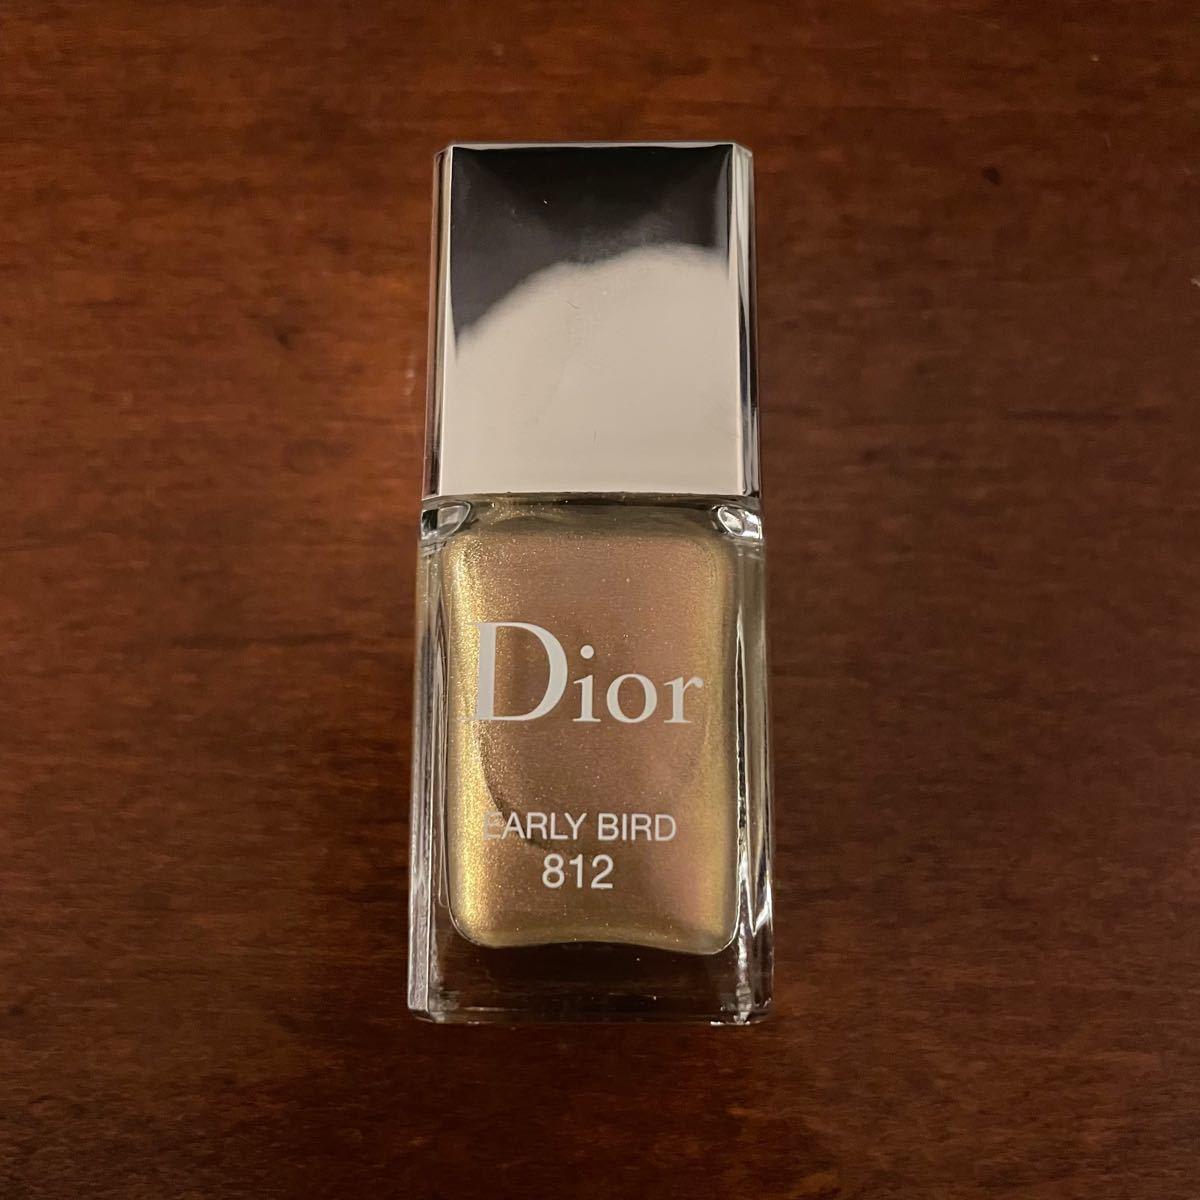 ディオール ヴェルニ 812 限定 ネイル 新品未使用 国内百貨店購入